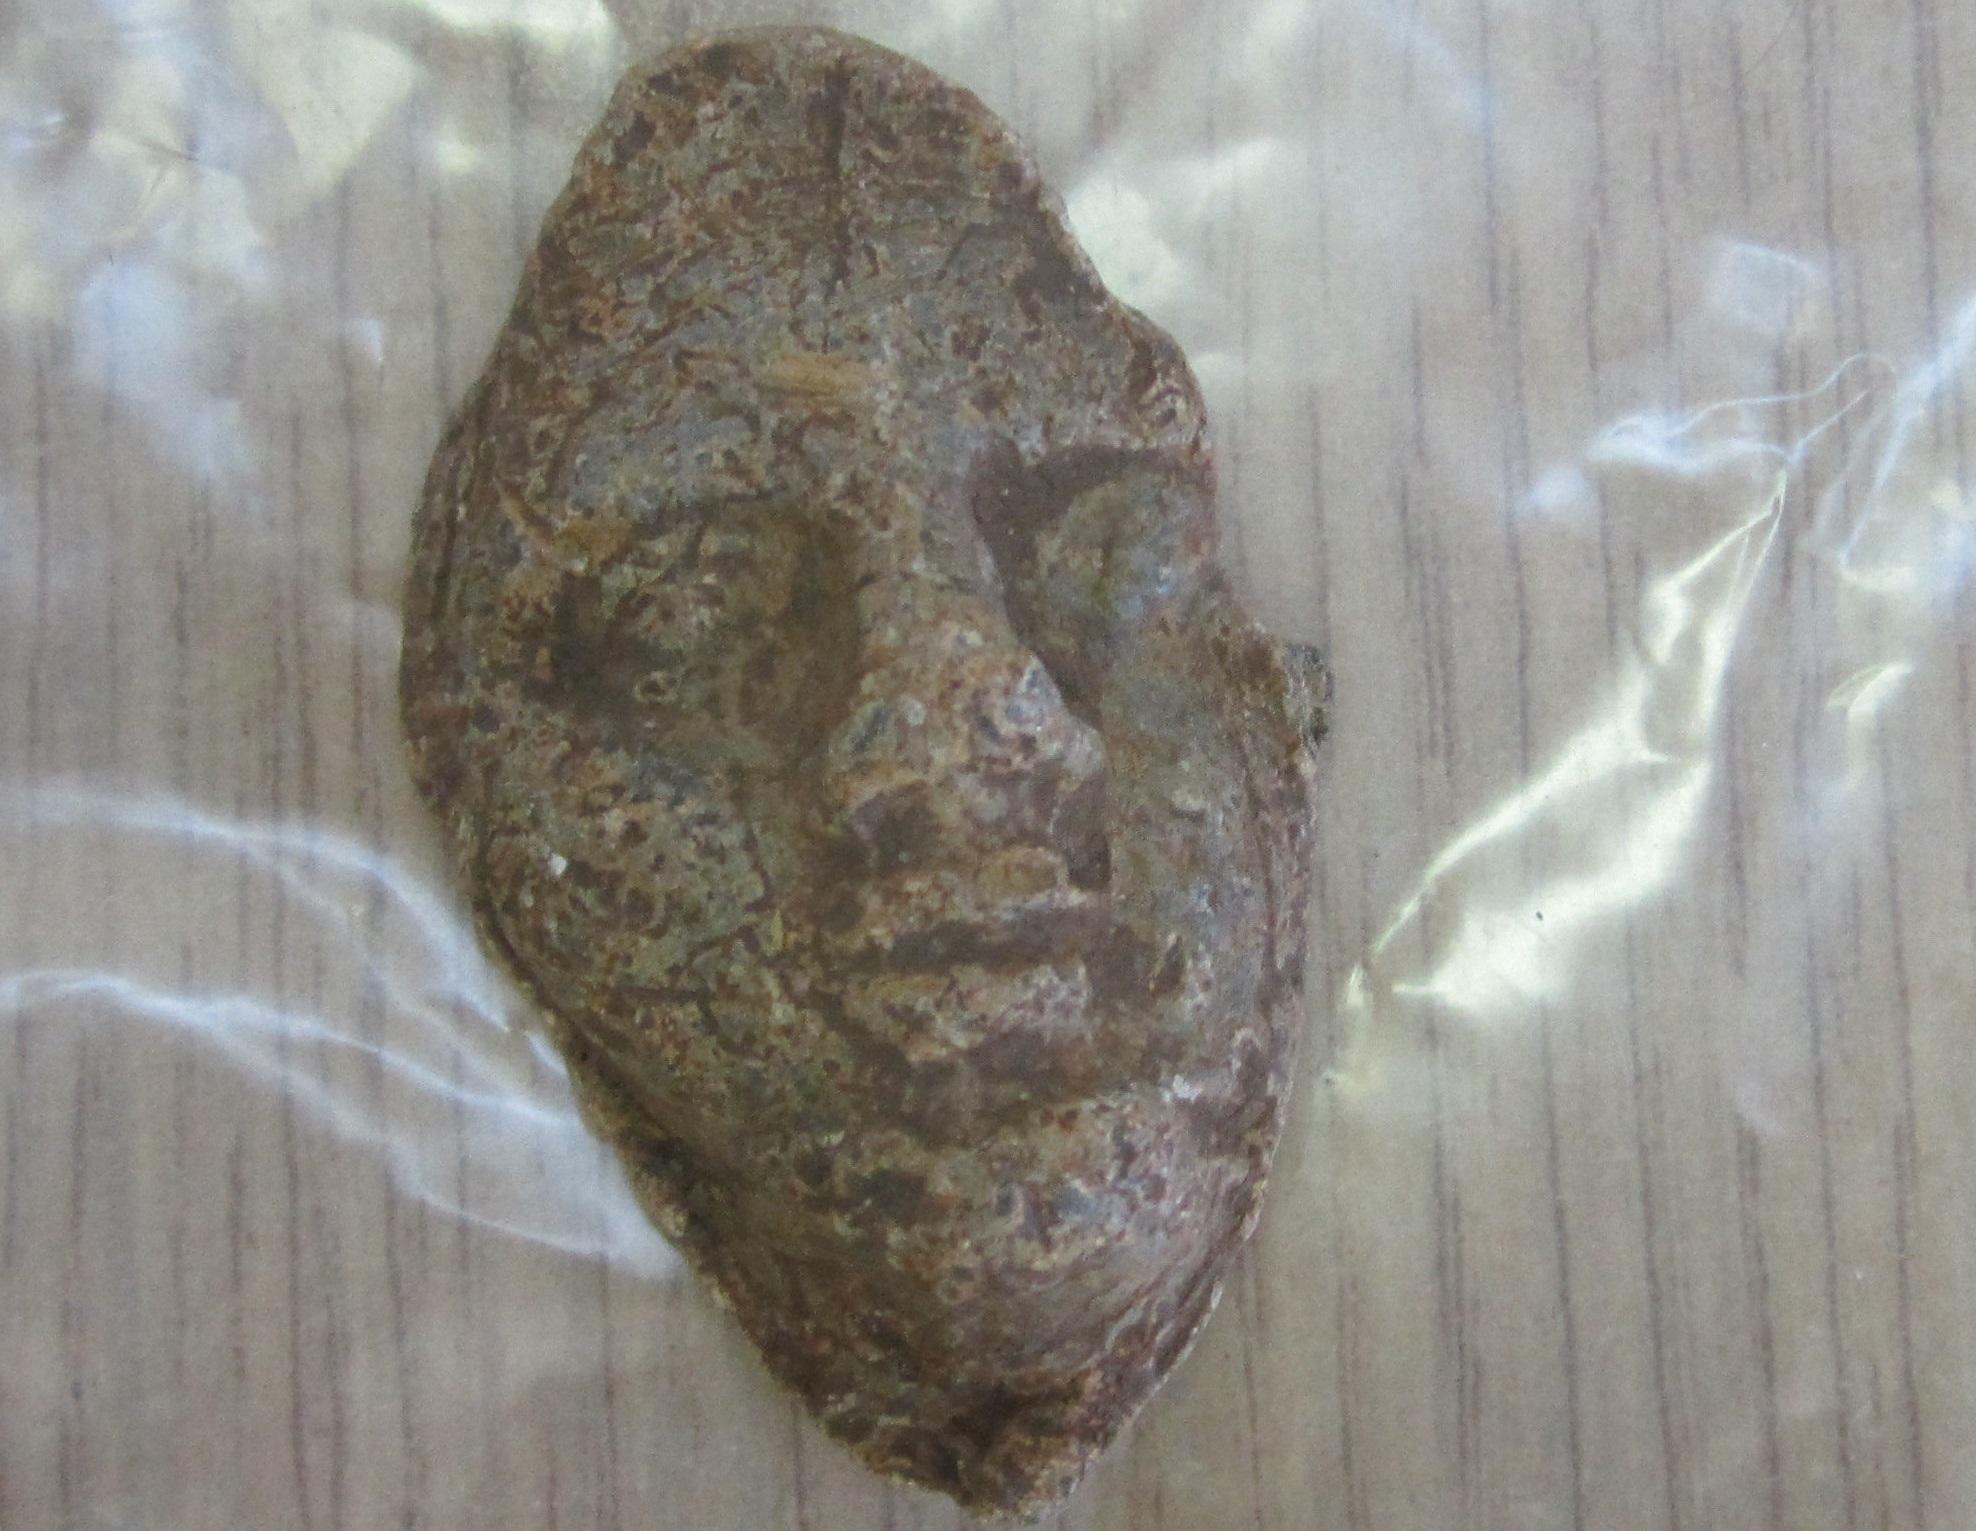 Θράκη: Ανακαλύφθηκε Βυζαντινός πολεμιστής που δεν παραδόθηκε ποτέ – Γιατί είχε χρυσό σύρμα στο σαγόνι του